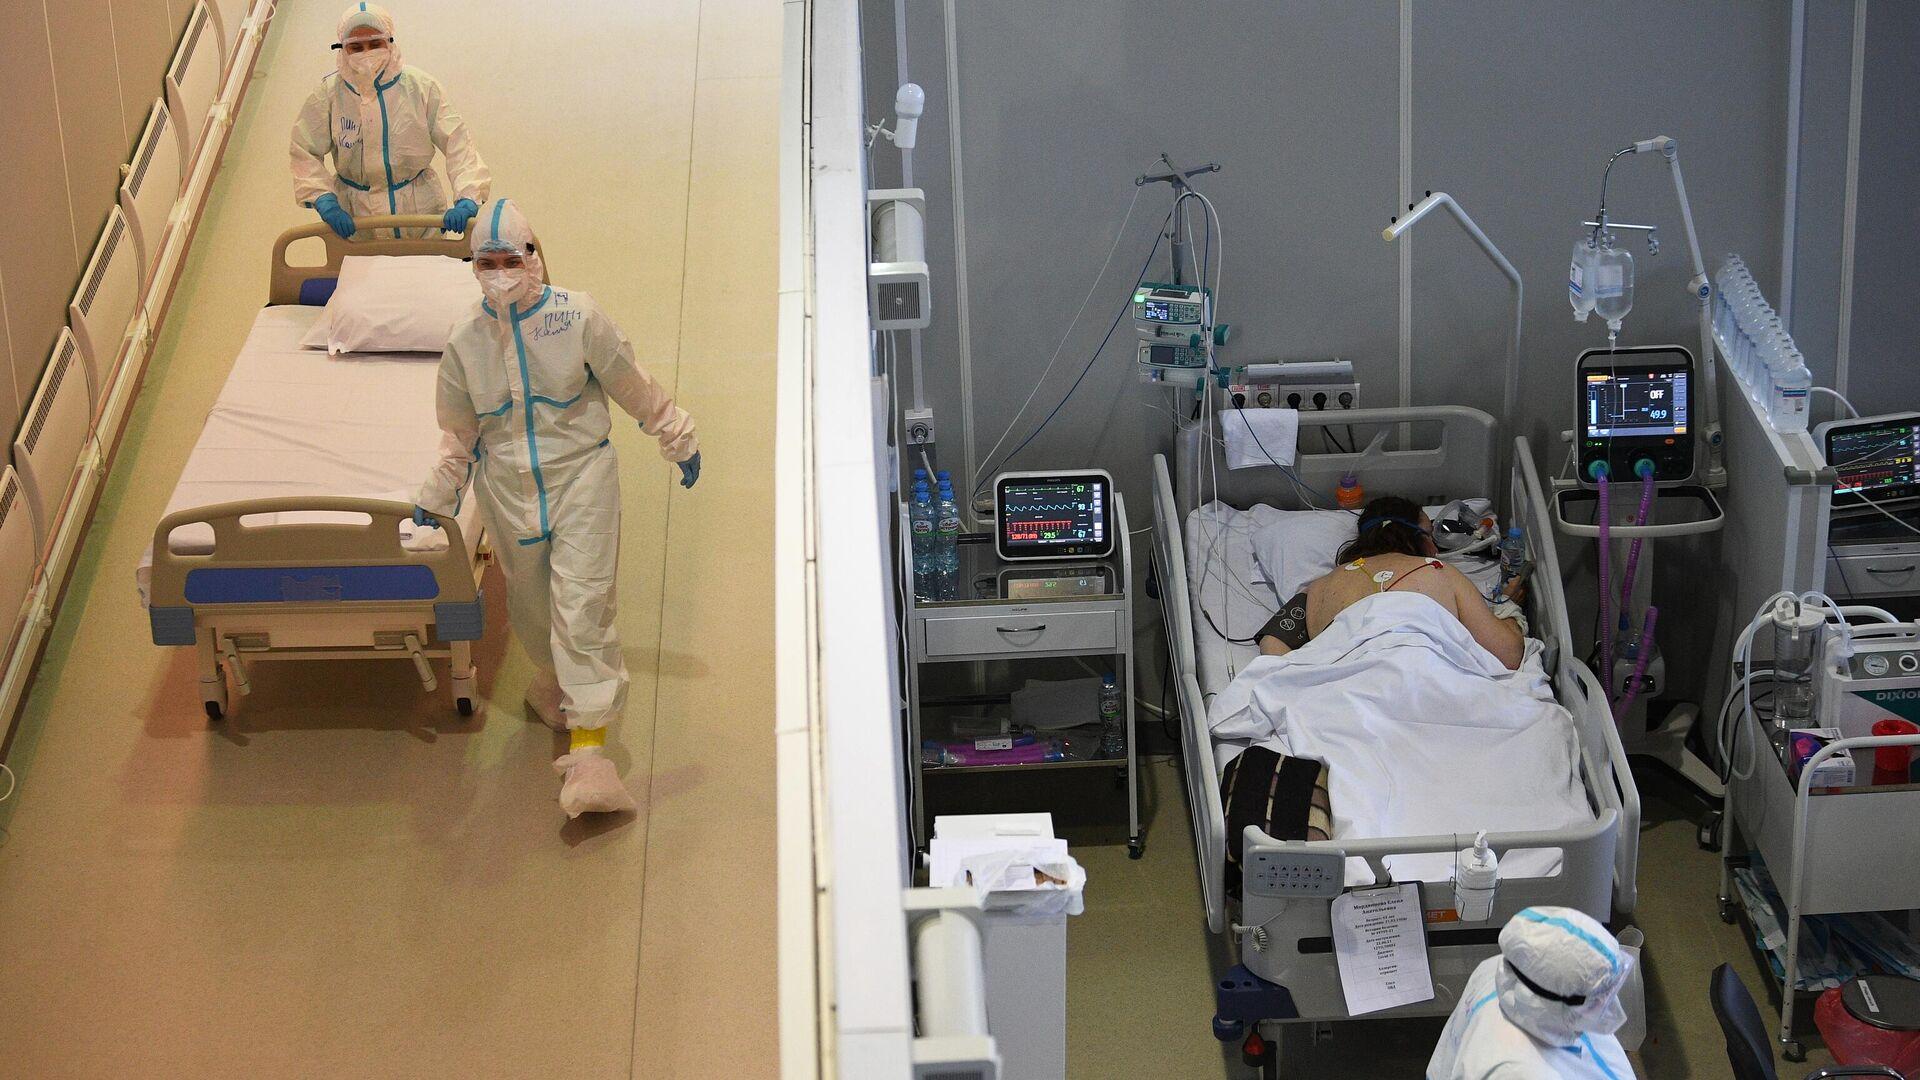 Медицинские работники и пациенты во временном госпитале для пациентов с COVID-19 в Москве - РИА Новости, 1920, 09.10.2021